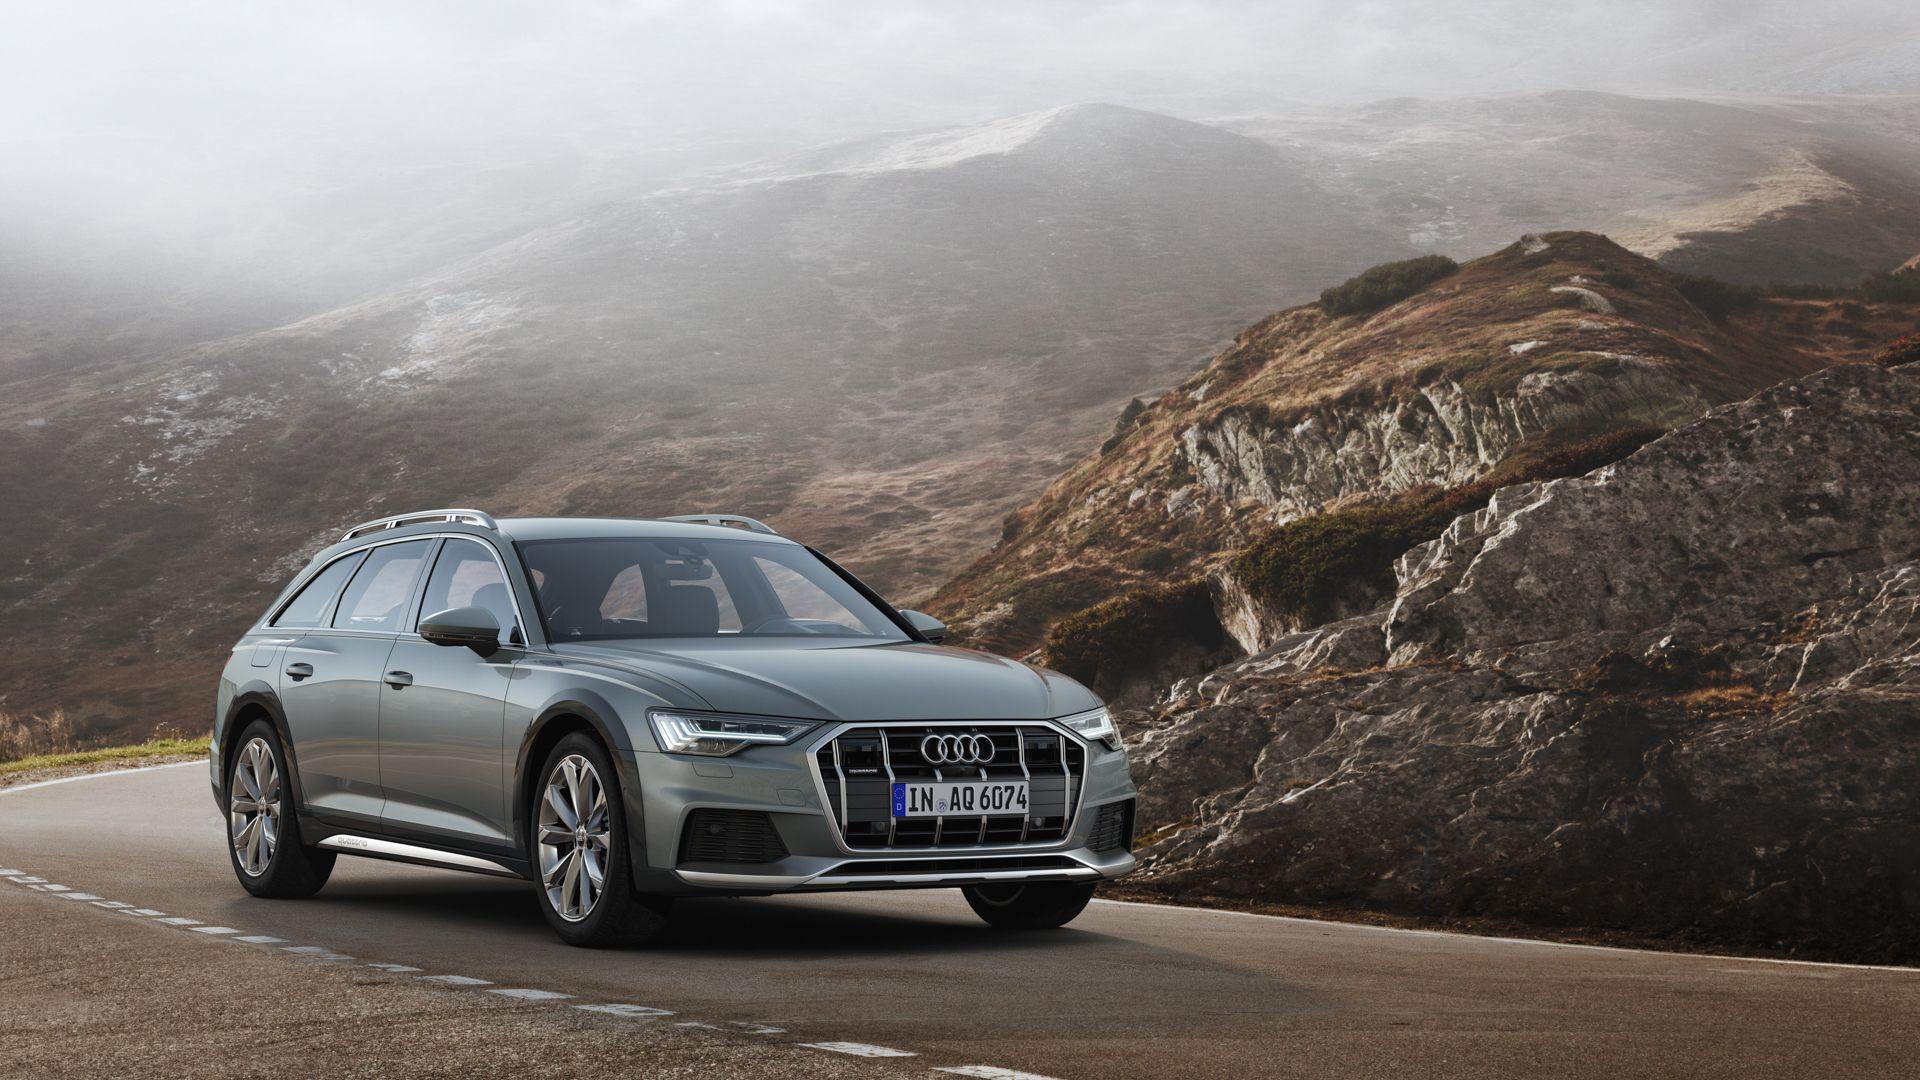 World Premiere 2020 Audi A6 Allroad More Capable Than Ever Audi A6 Allroad Audi A6 Audi